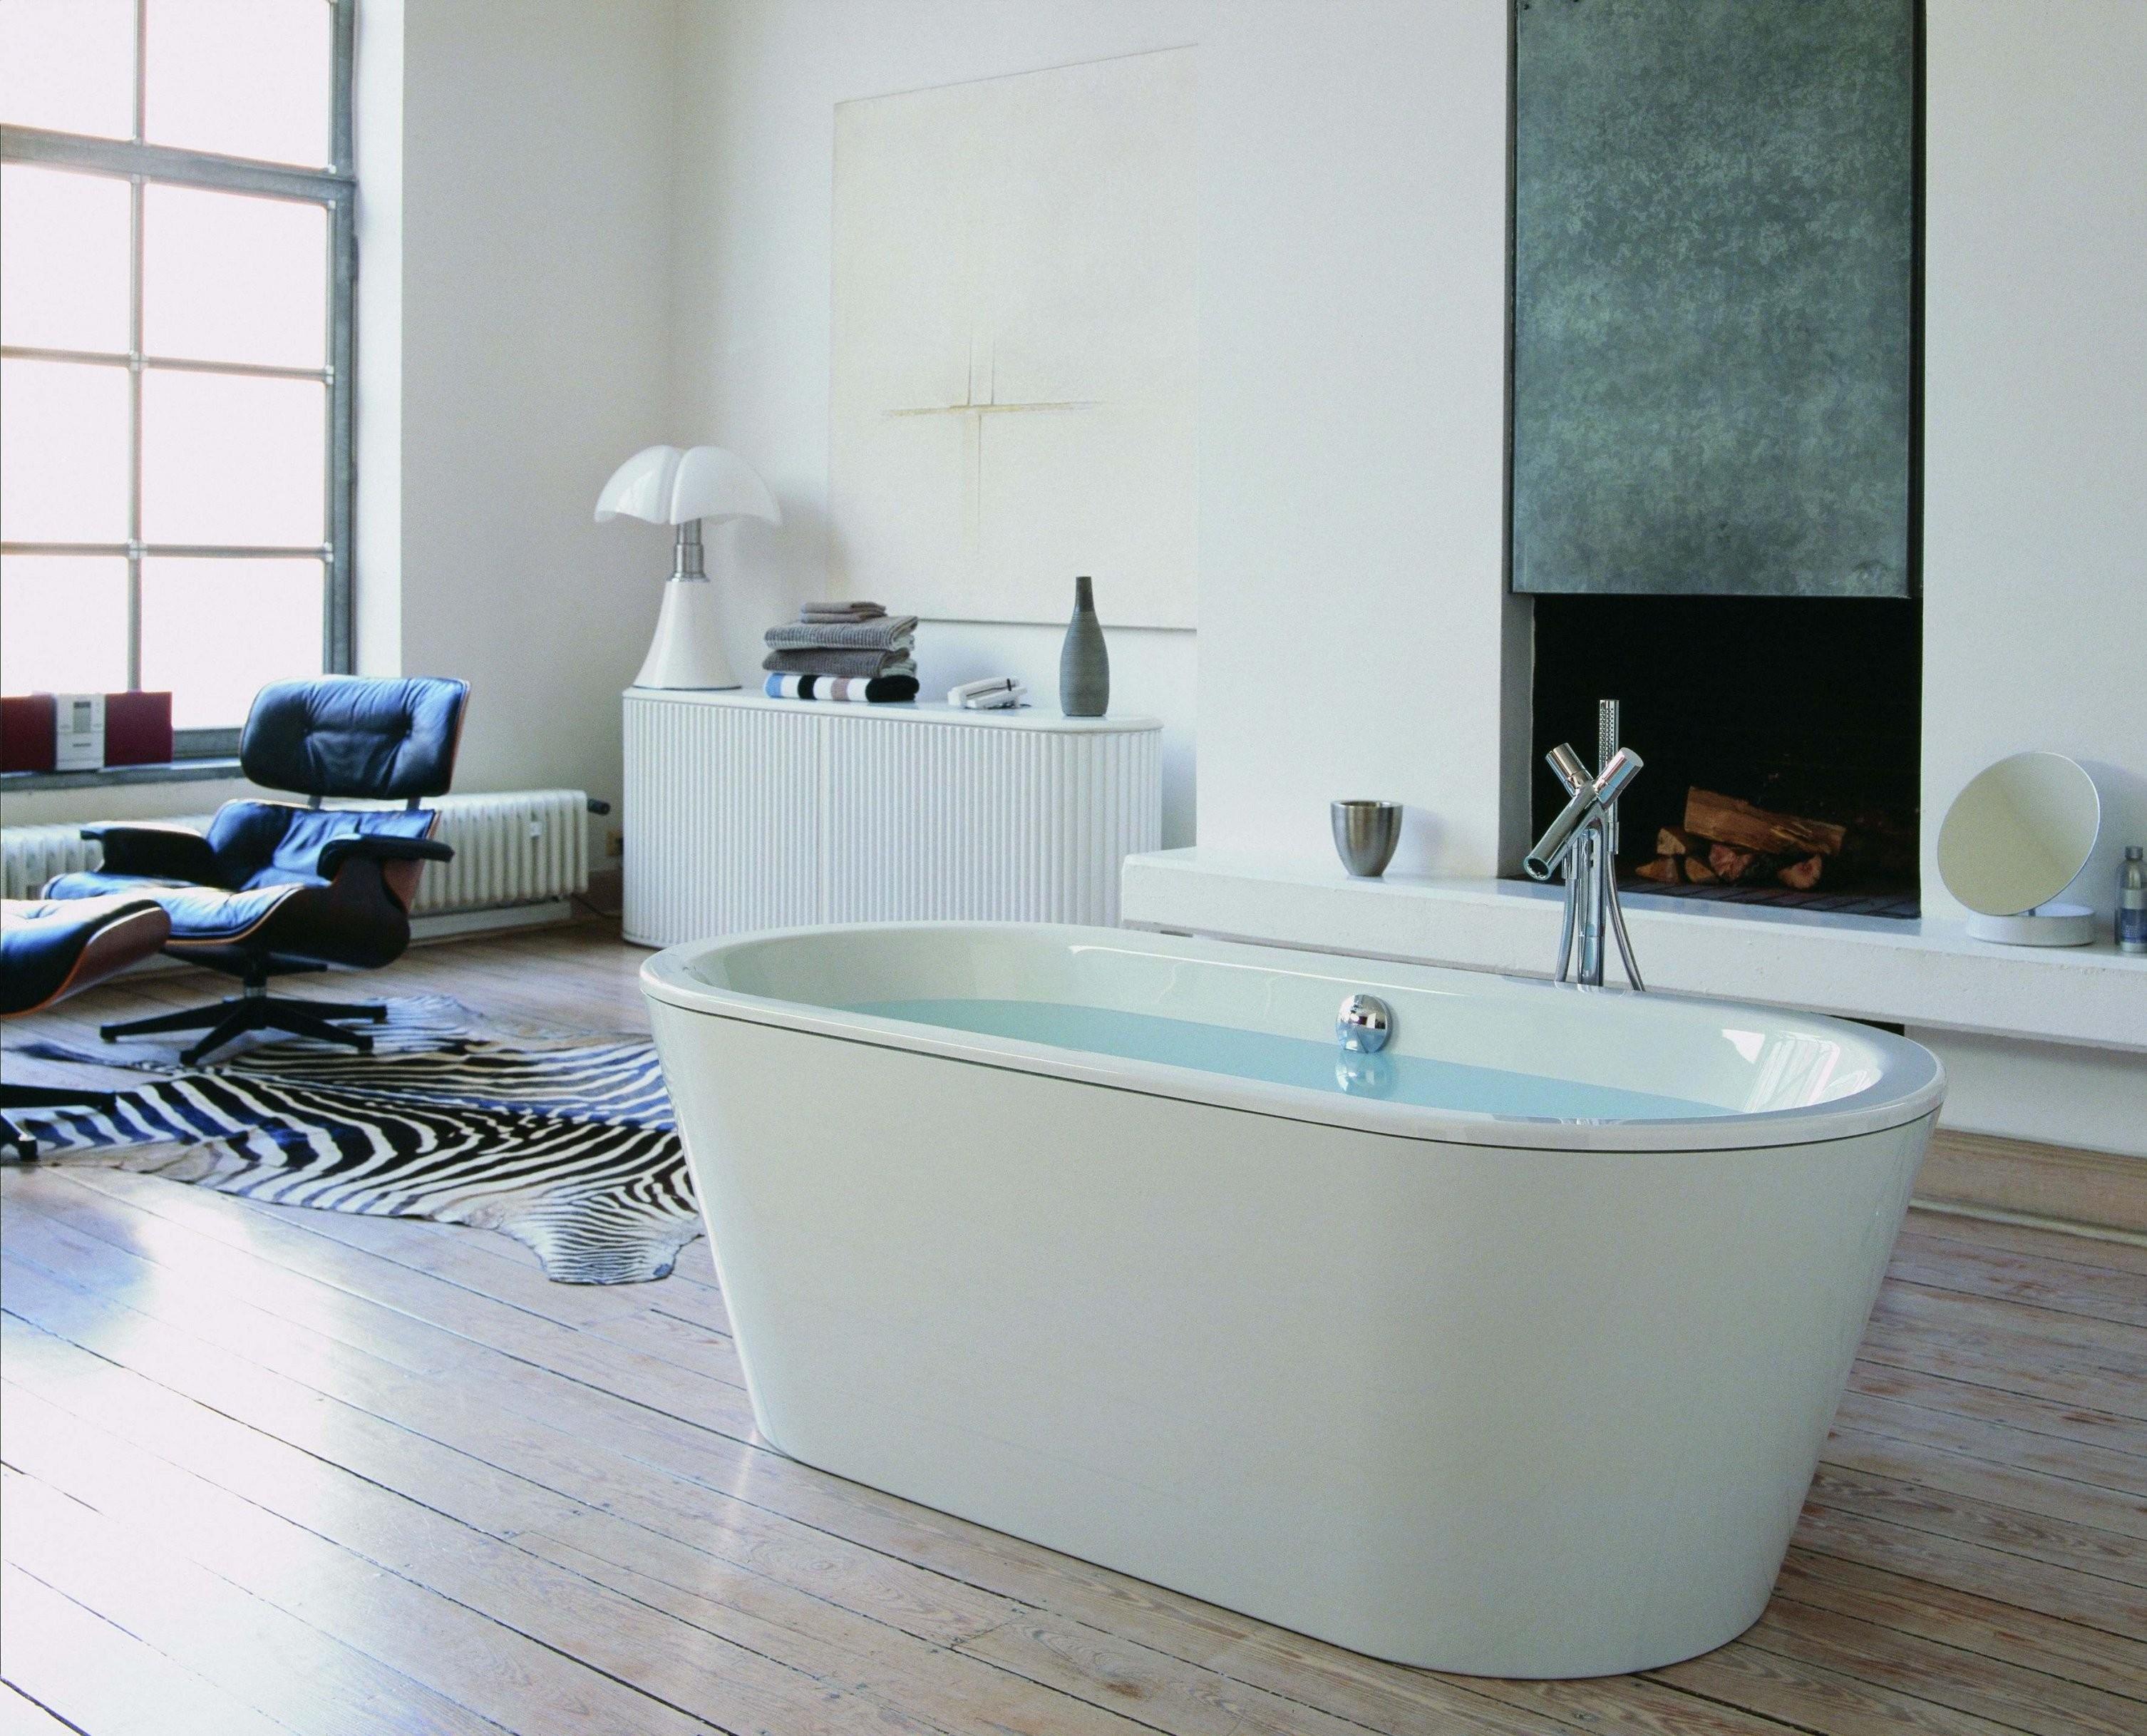 Hoesch Philippe Starck Edition 2 Freistehende Badewanne  Haus Ideen von Freistehende Badewanne Hoesch Bild